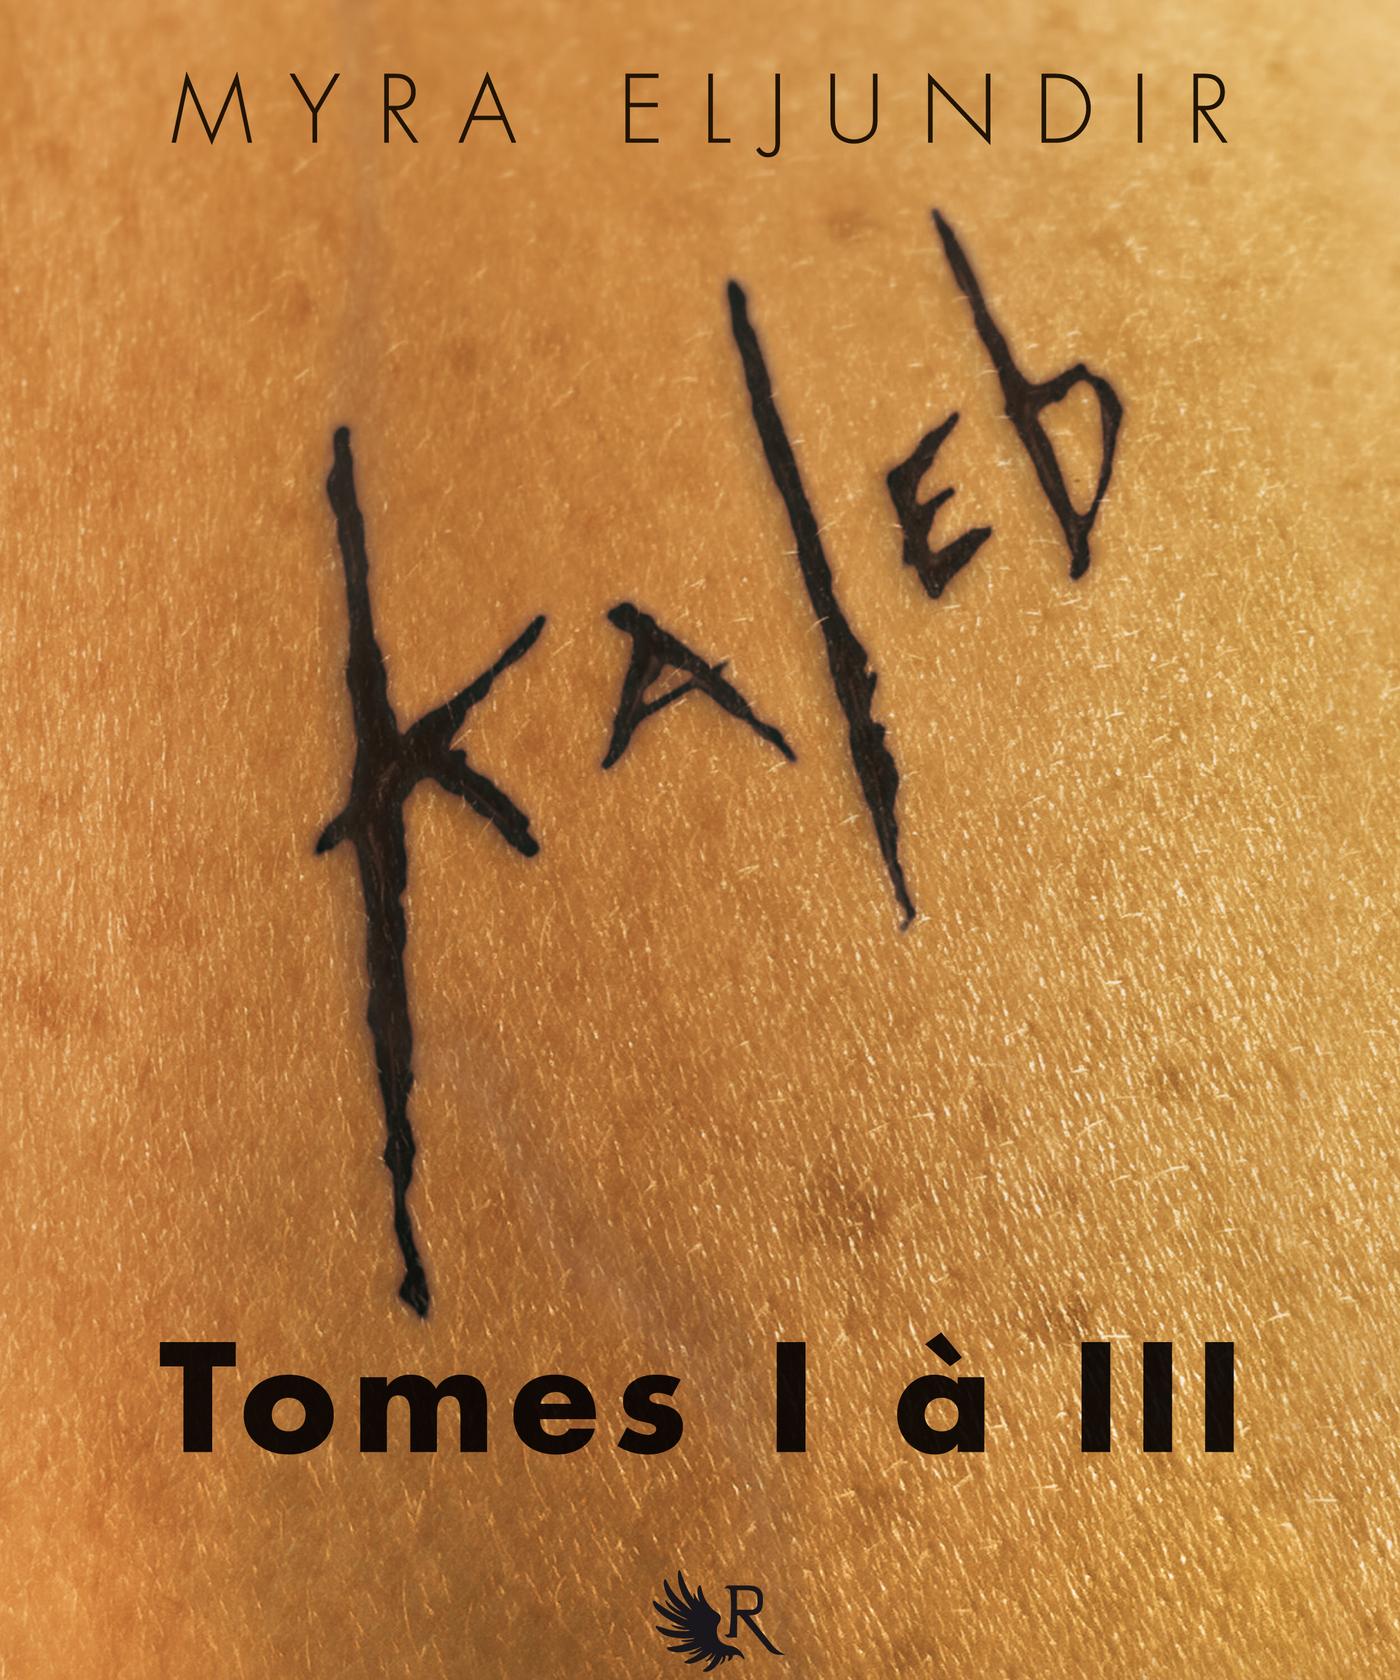 L'Intégrale Kaleb - Tomes I à III (ebook)